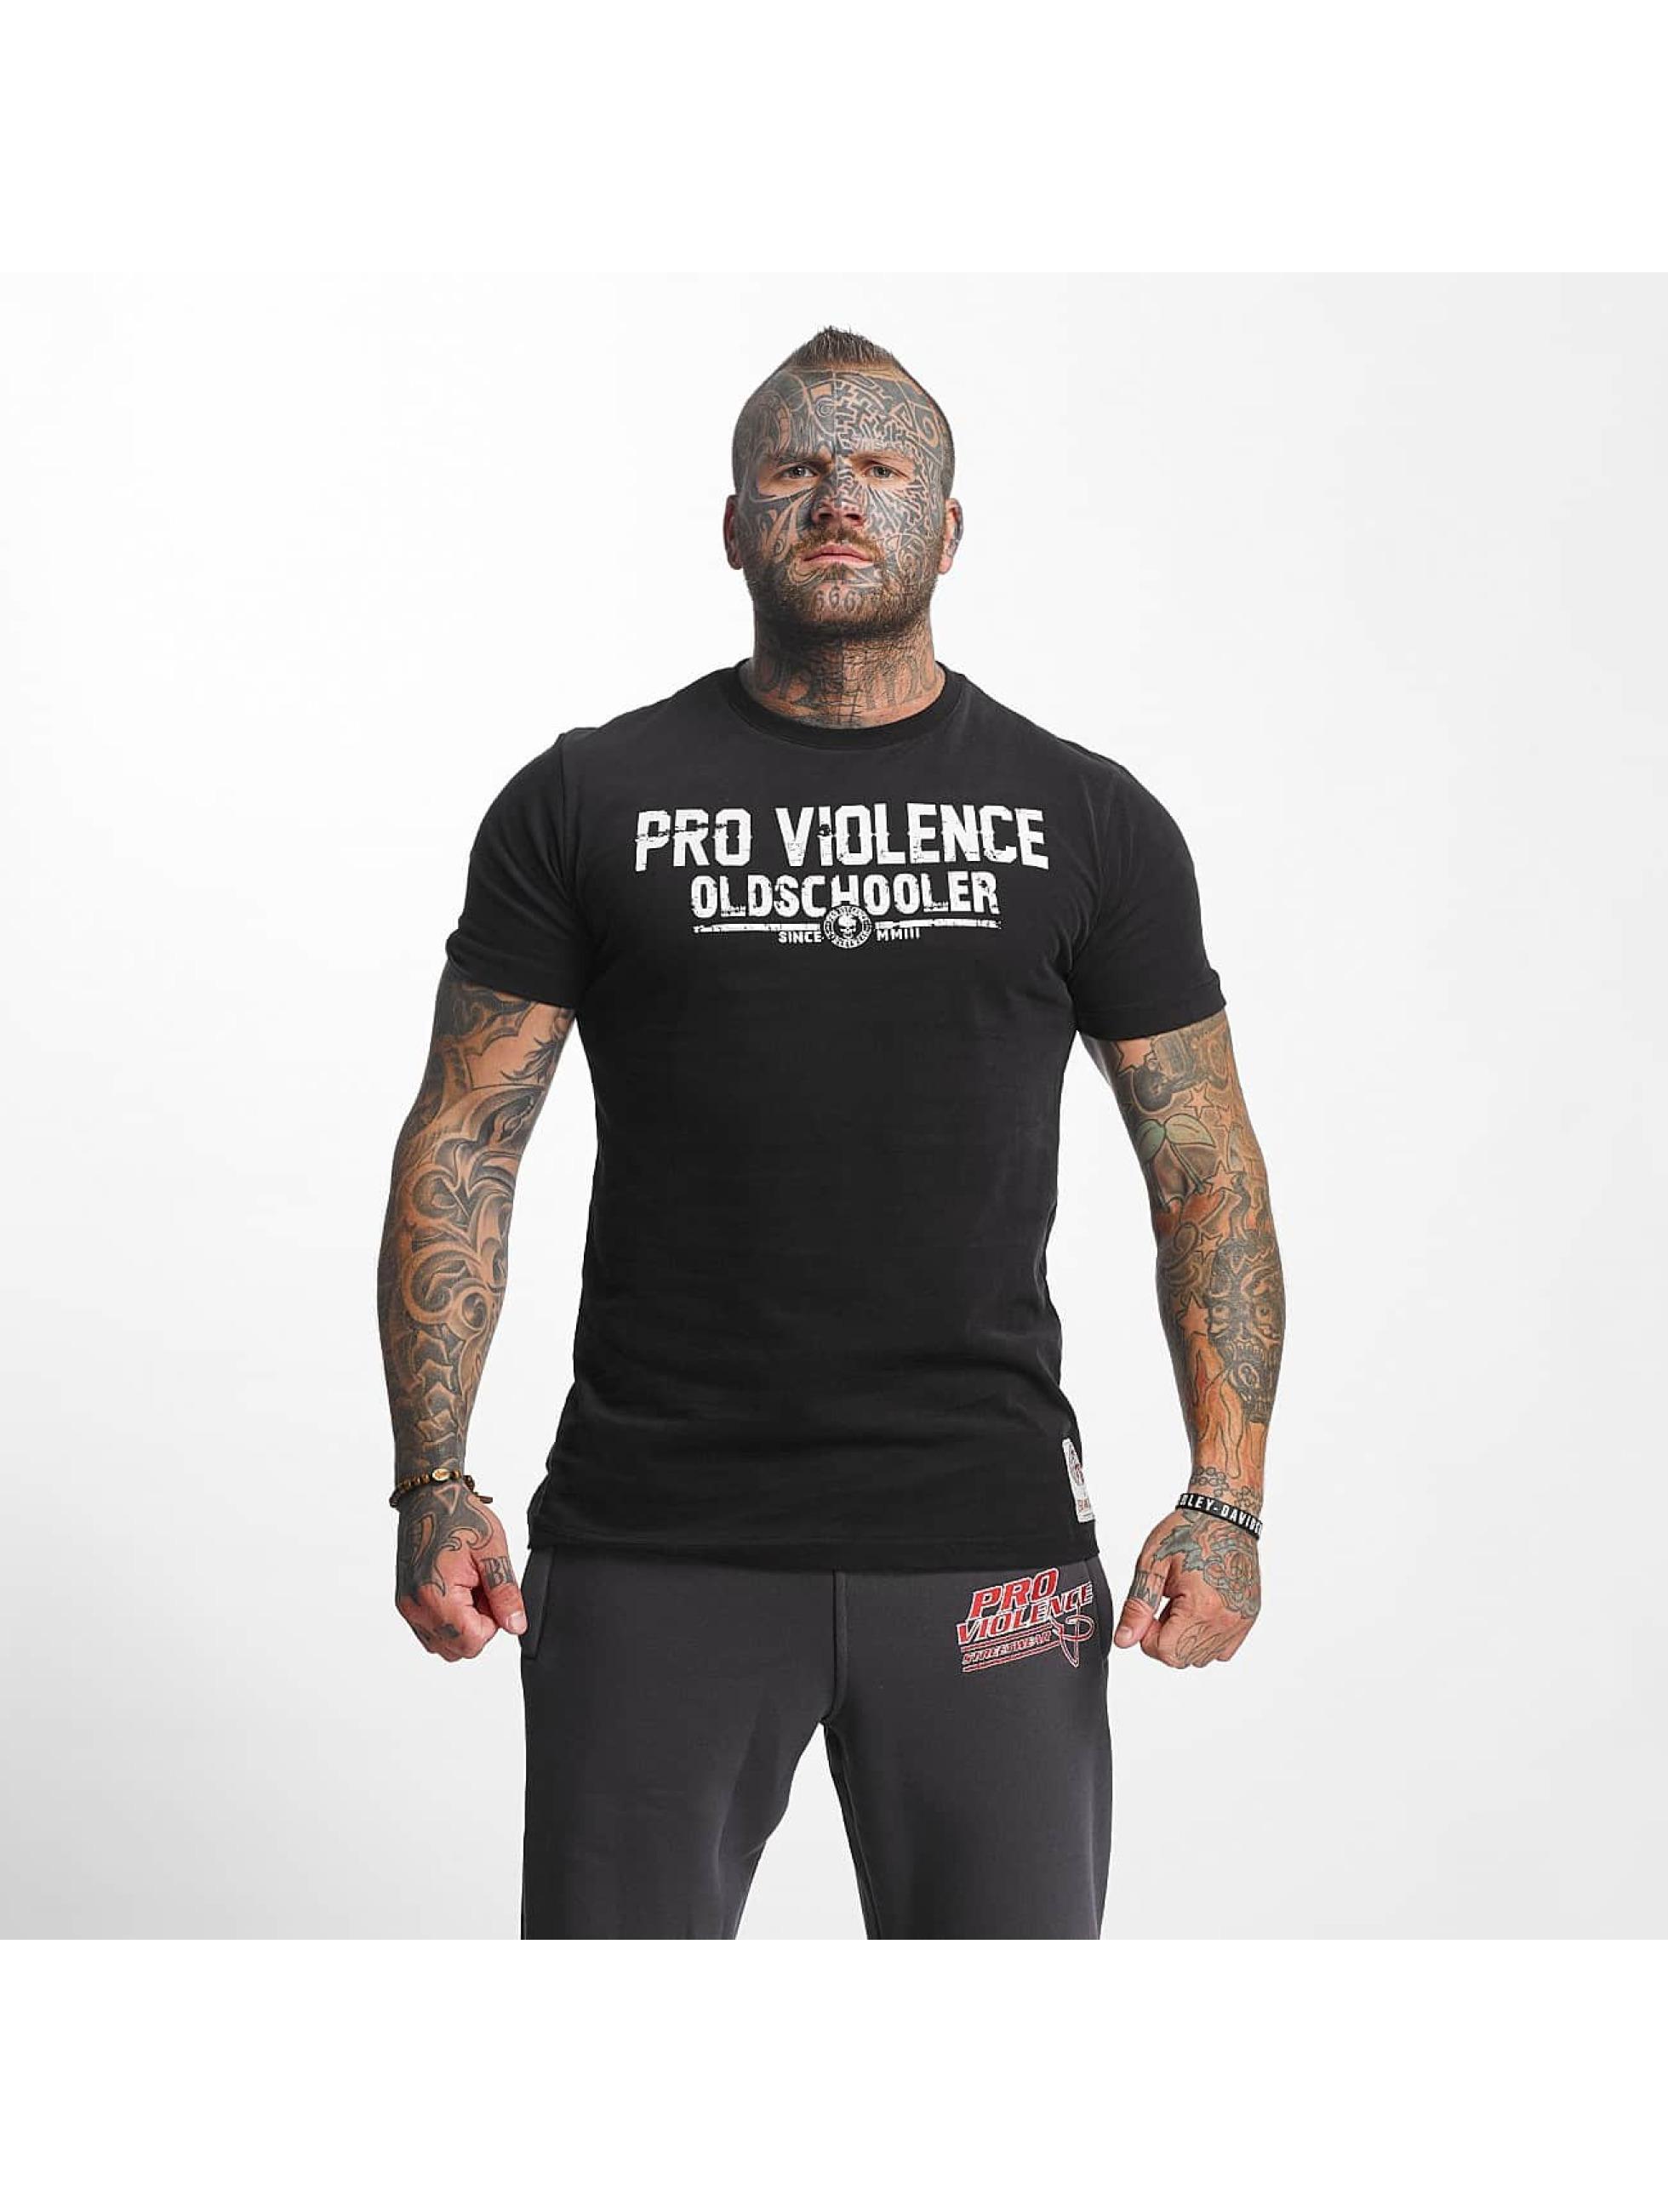 Pro Violence Streetwear Männer T-Shirt Oldschool Hardknocker in schwarz